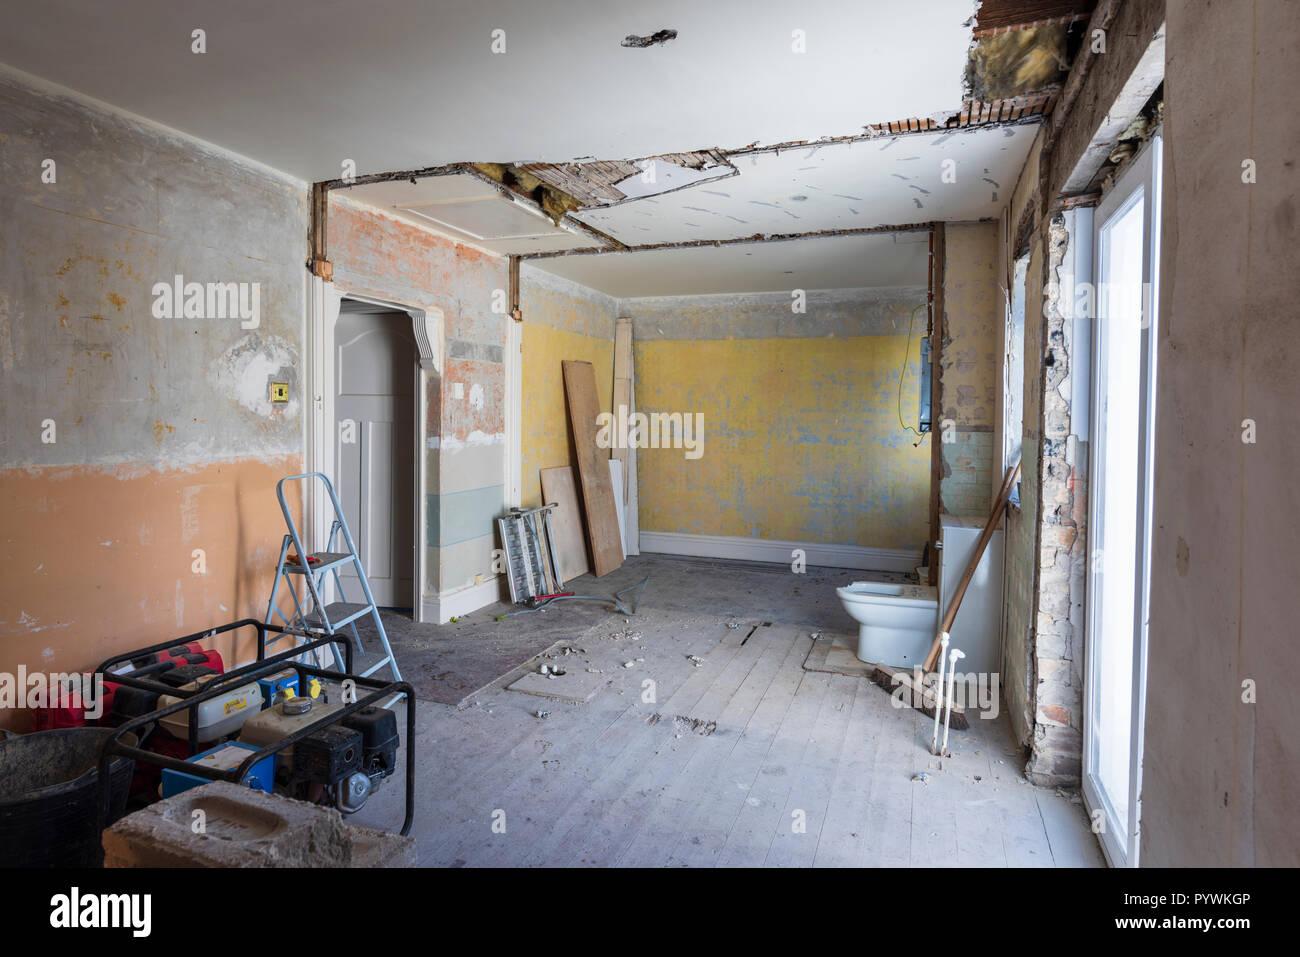 Home bricolaje casa vacía eviscerado de renovación interior paredes desnudas Foto de stock